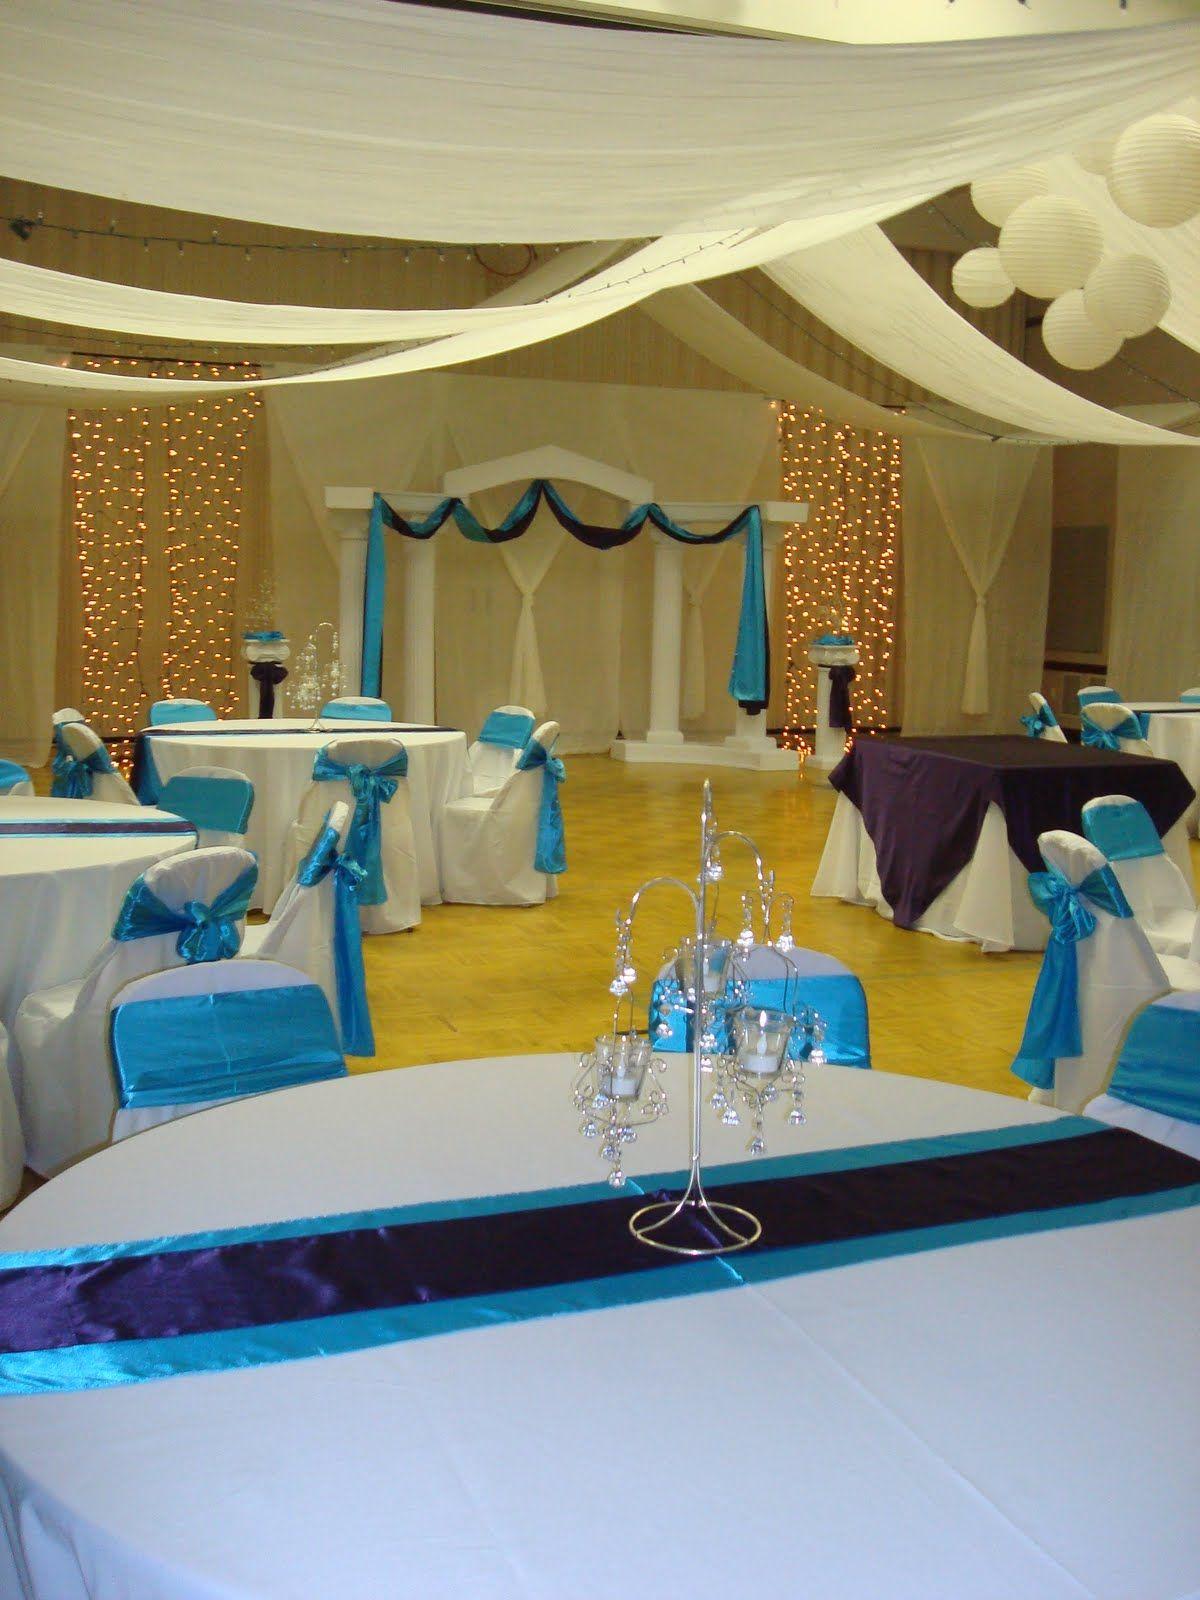 Utah Cultural Hall Wedding Decor | Decoración de unas ...